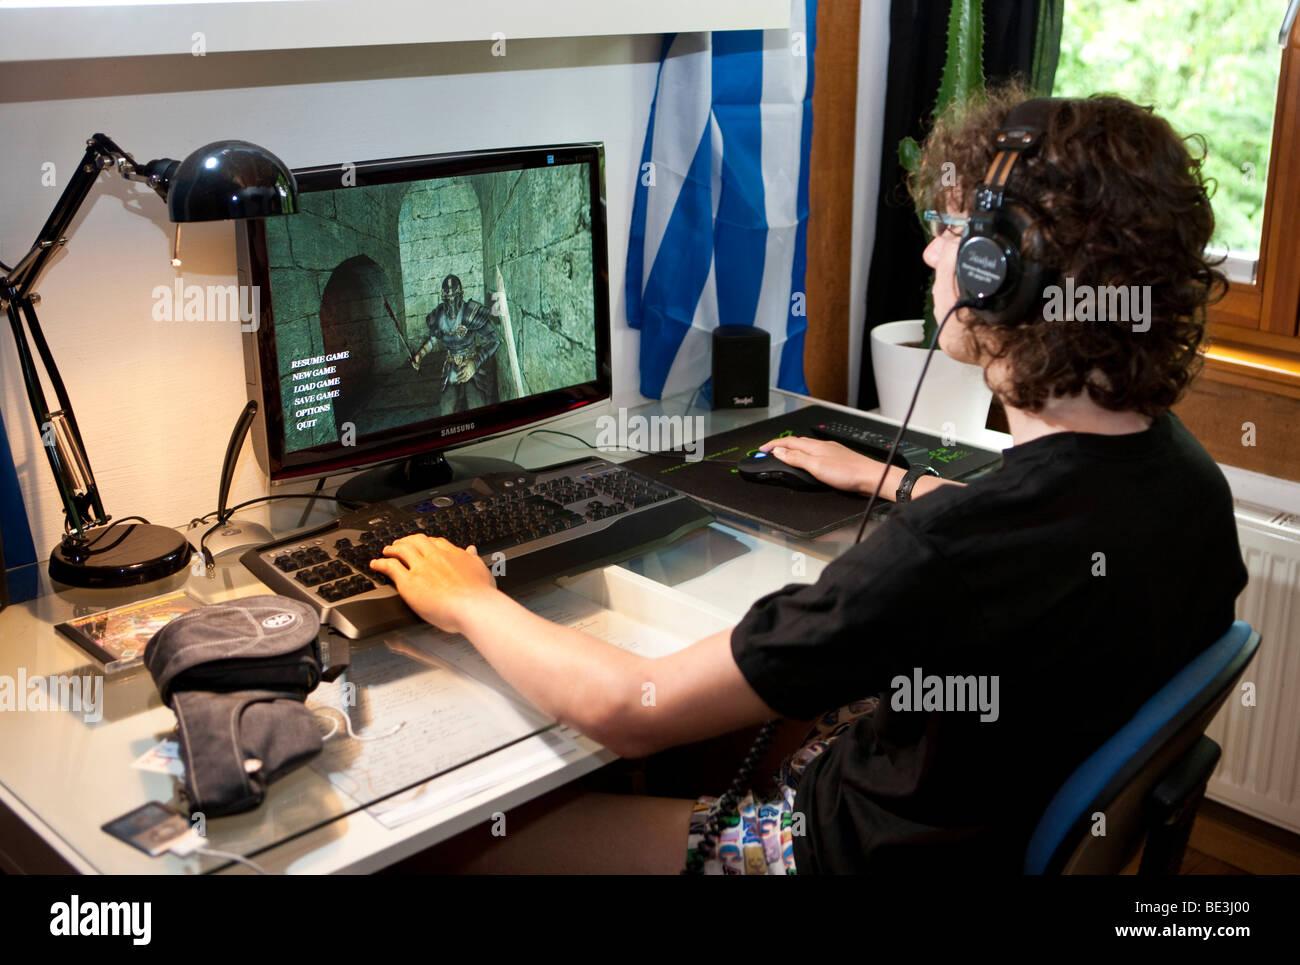 Un ragazzo, circa 15, la riproduzione di un gioco violento sul computer nella sua stanza, Germania, Europa Immagini Stock